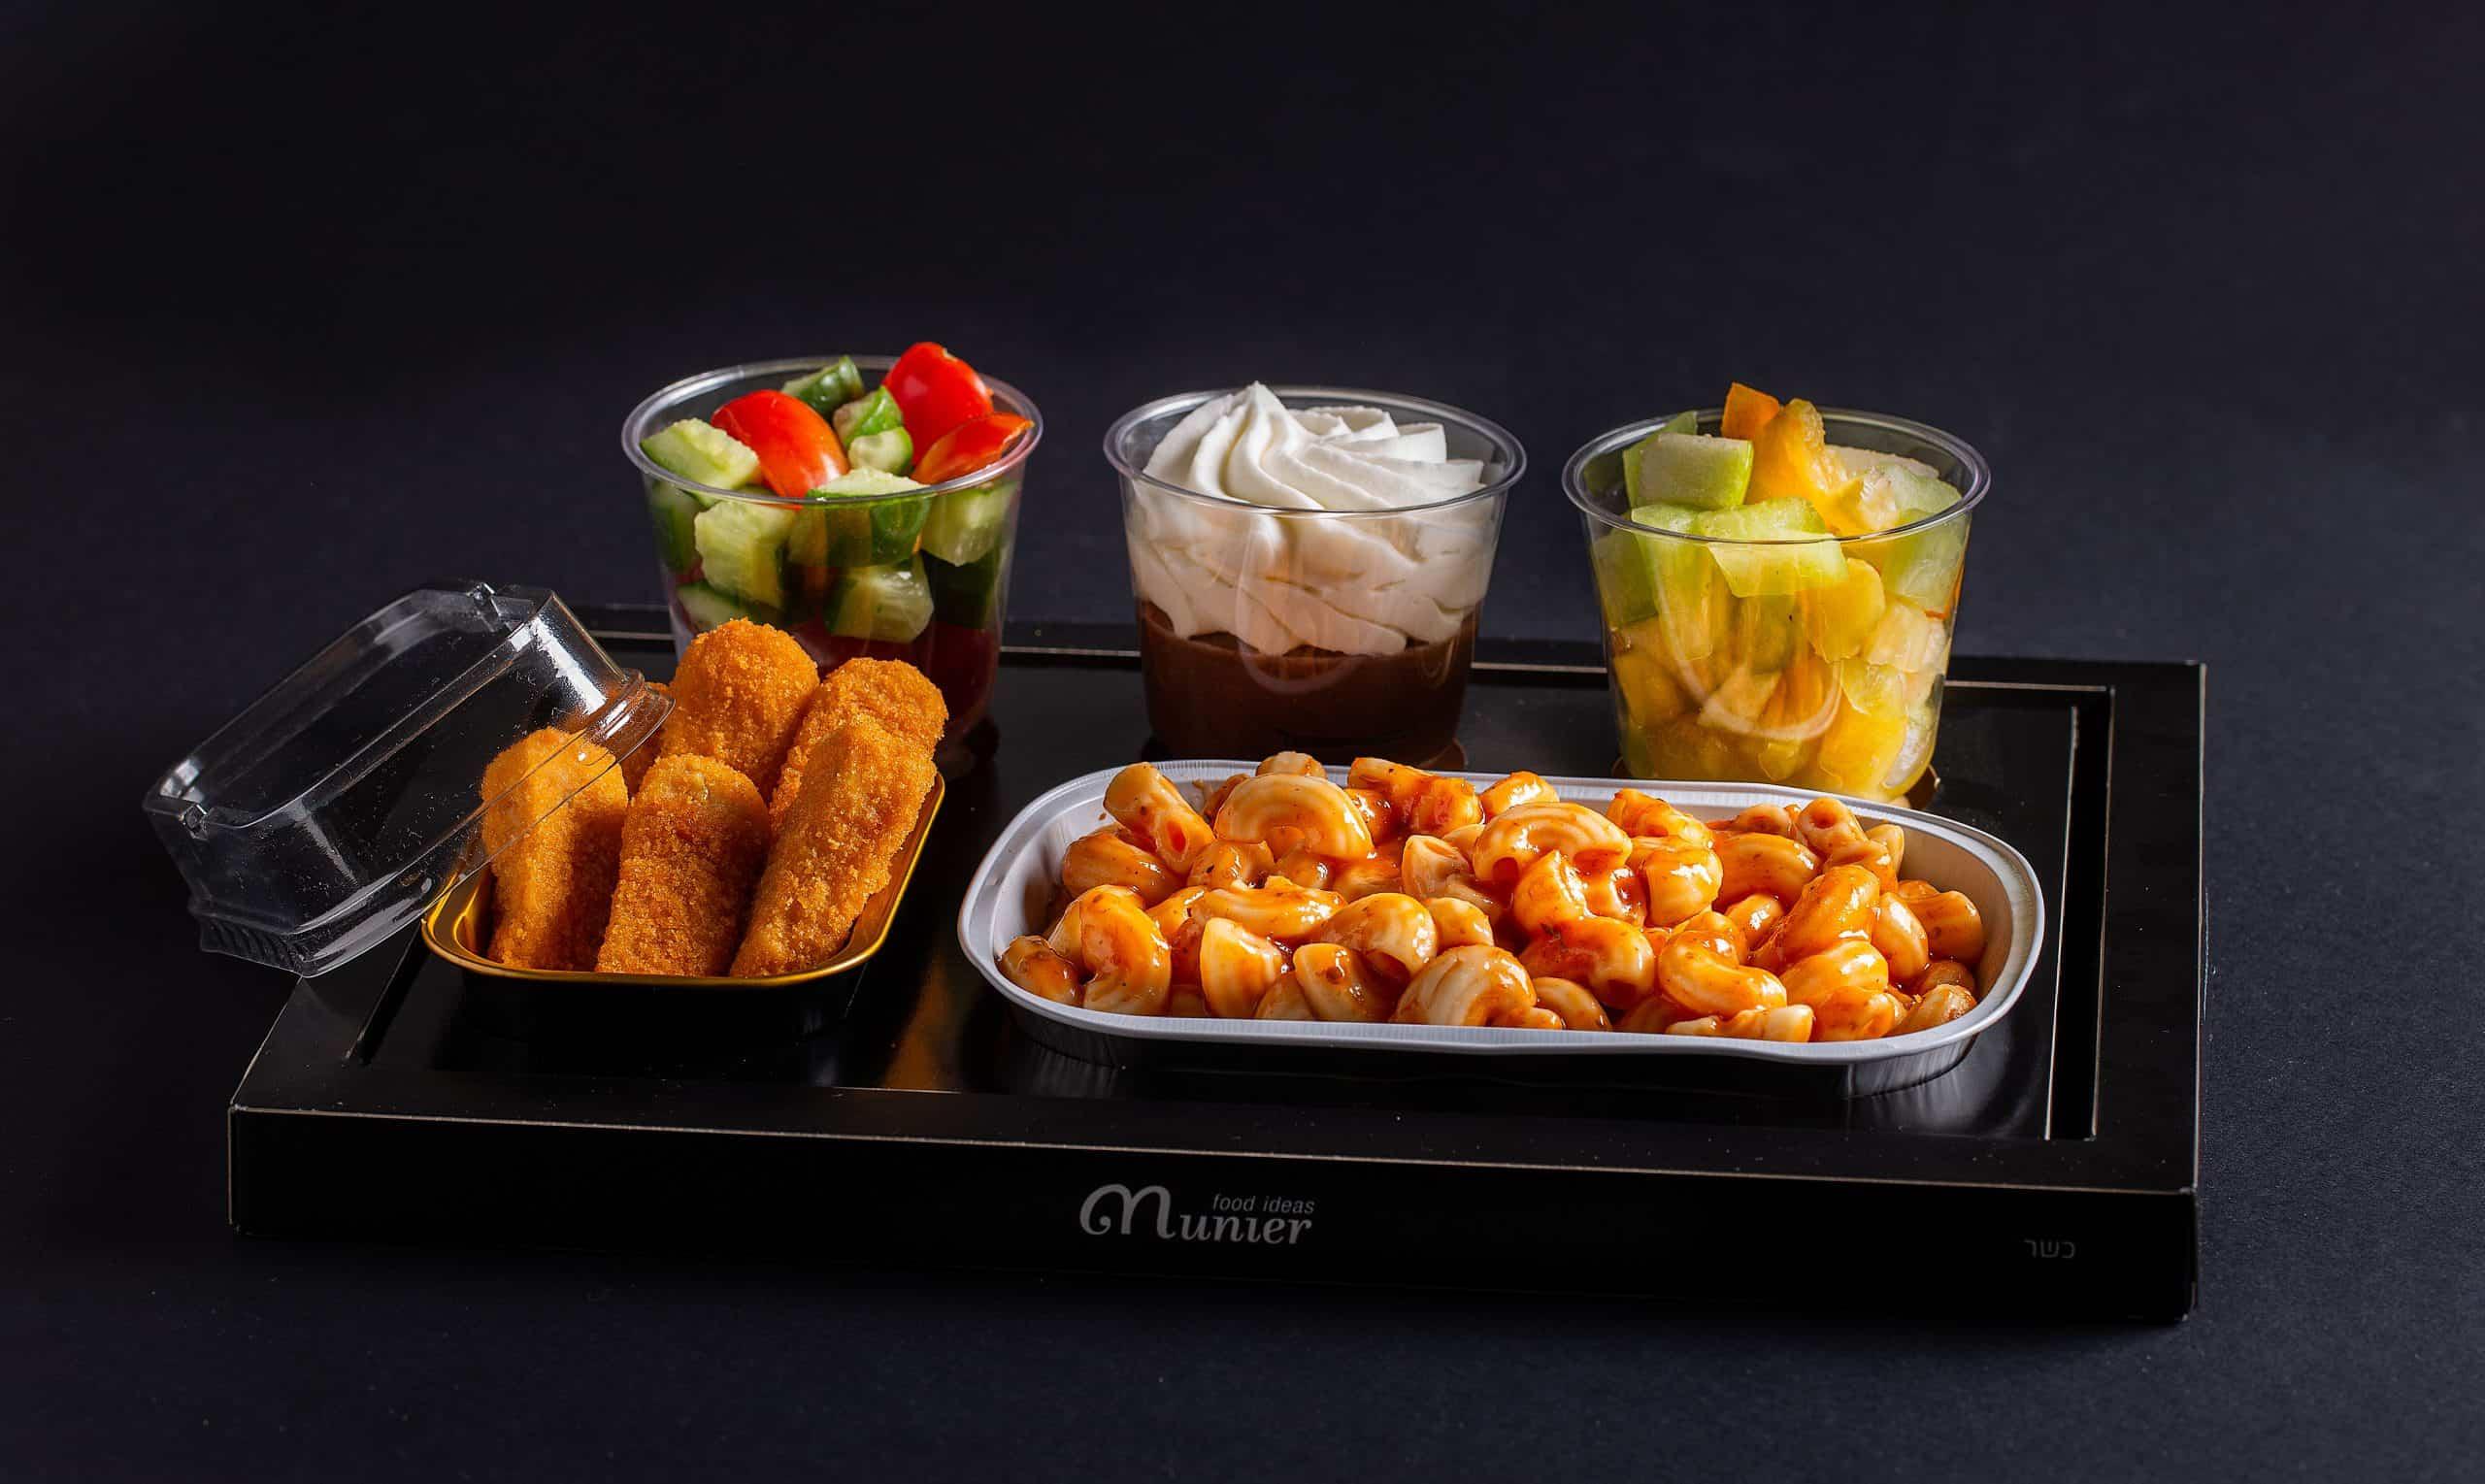 Lunch / Evening - ארוחת ילדים